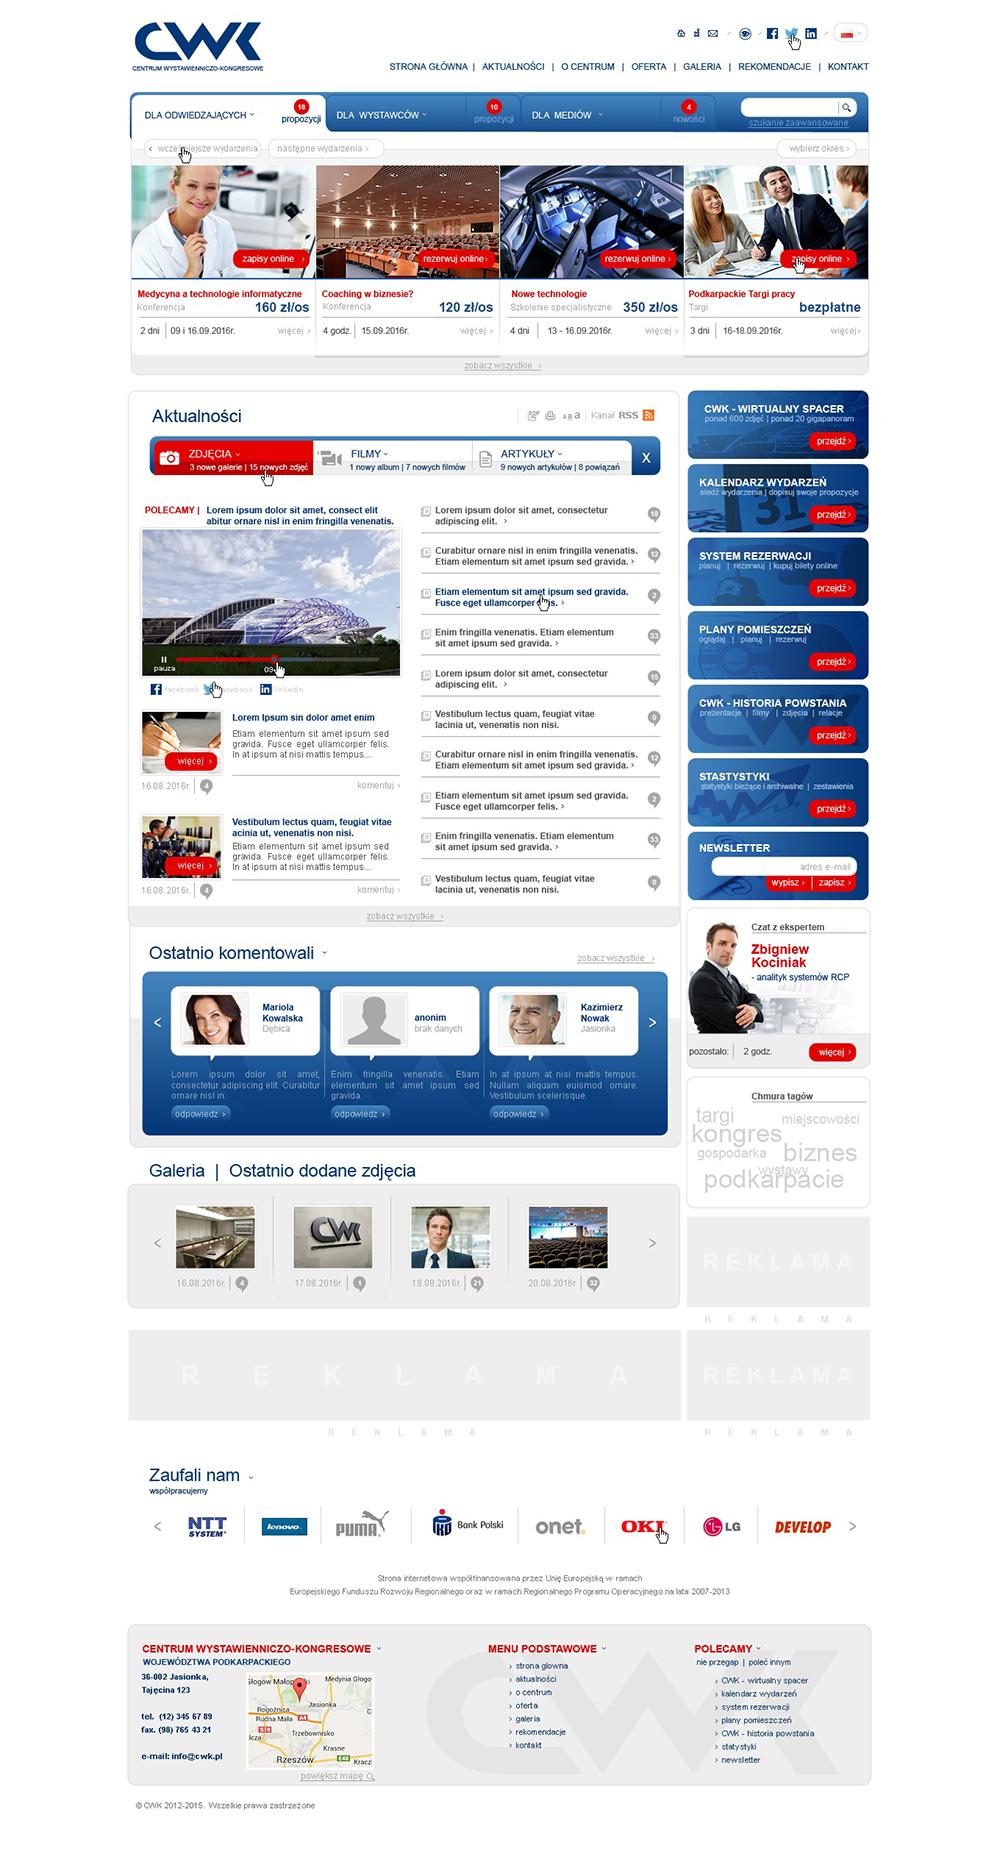 rostar - strony sklepy internetowe - cwk